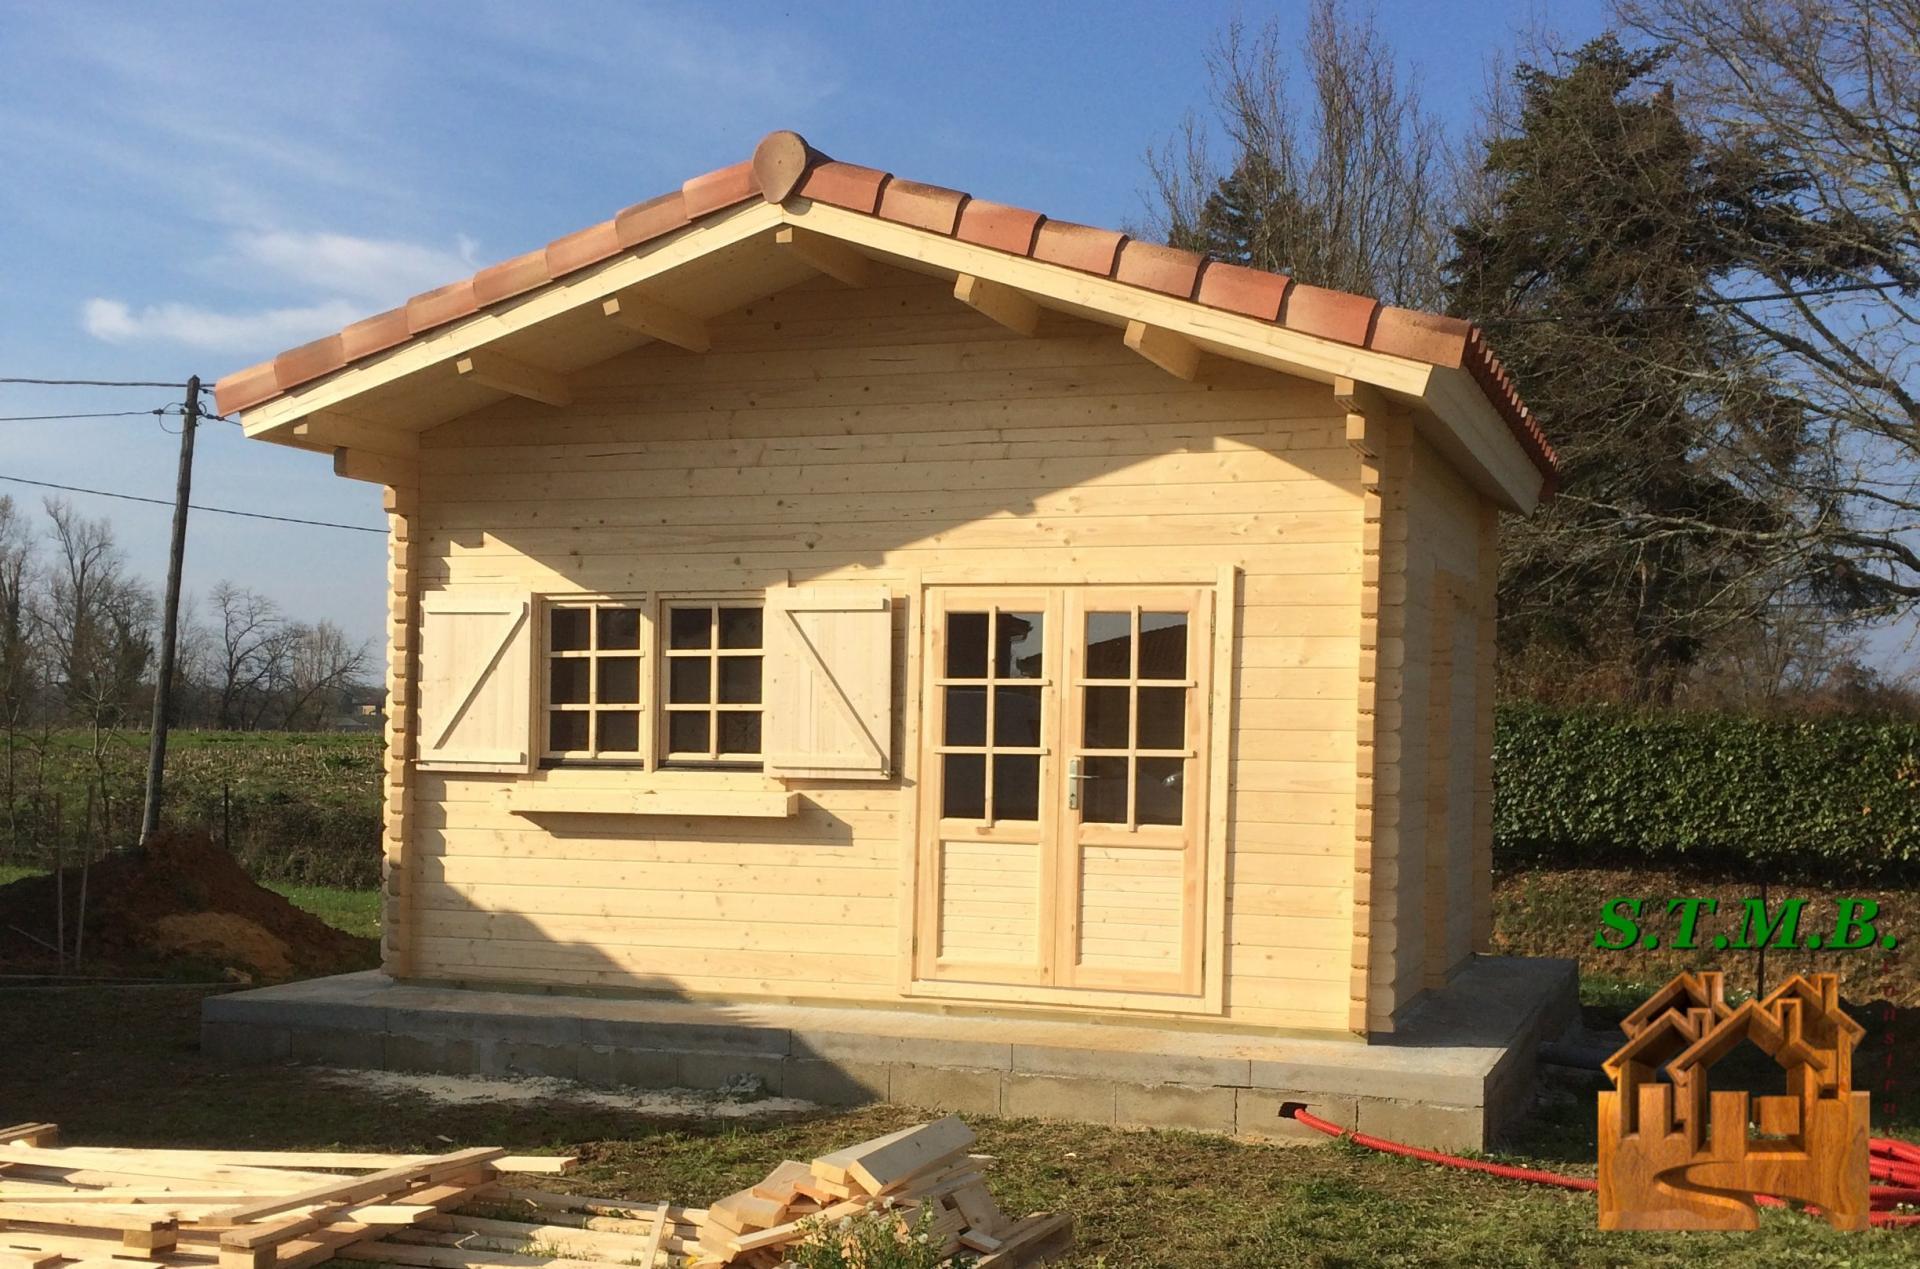 Fabricant Constructeur De Kits Chalets En Bois Habitables ... concernant Abri Jardin 30M2